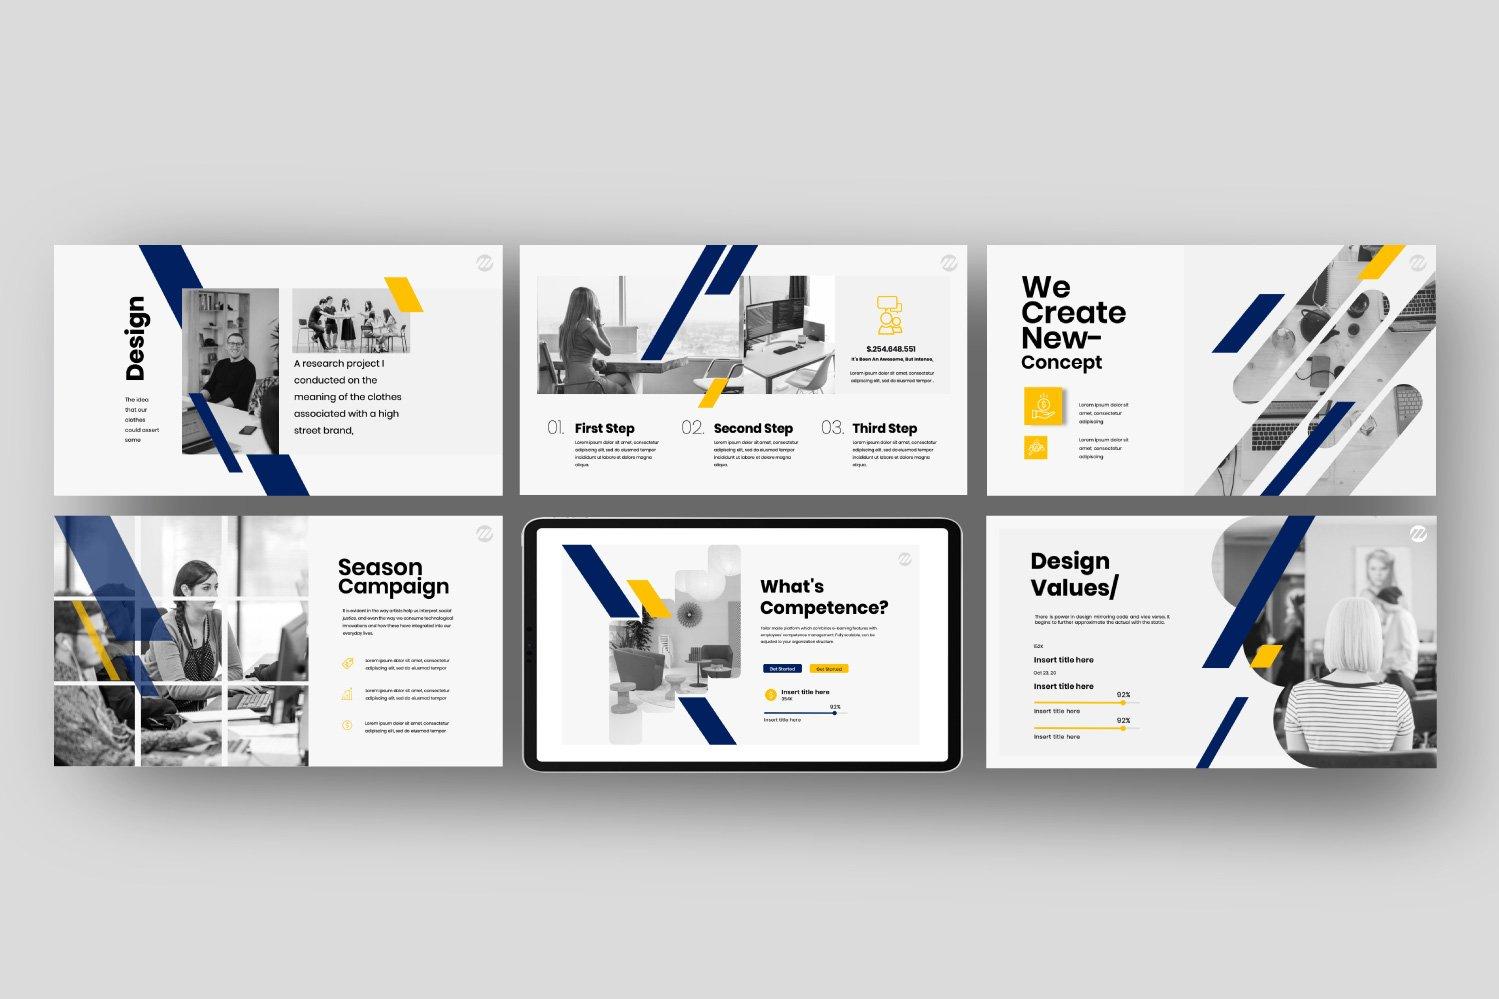 简约商务策划案图文排版演示文稿设计模板 Marvet – Business Powerpoint插图(6)